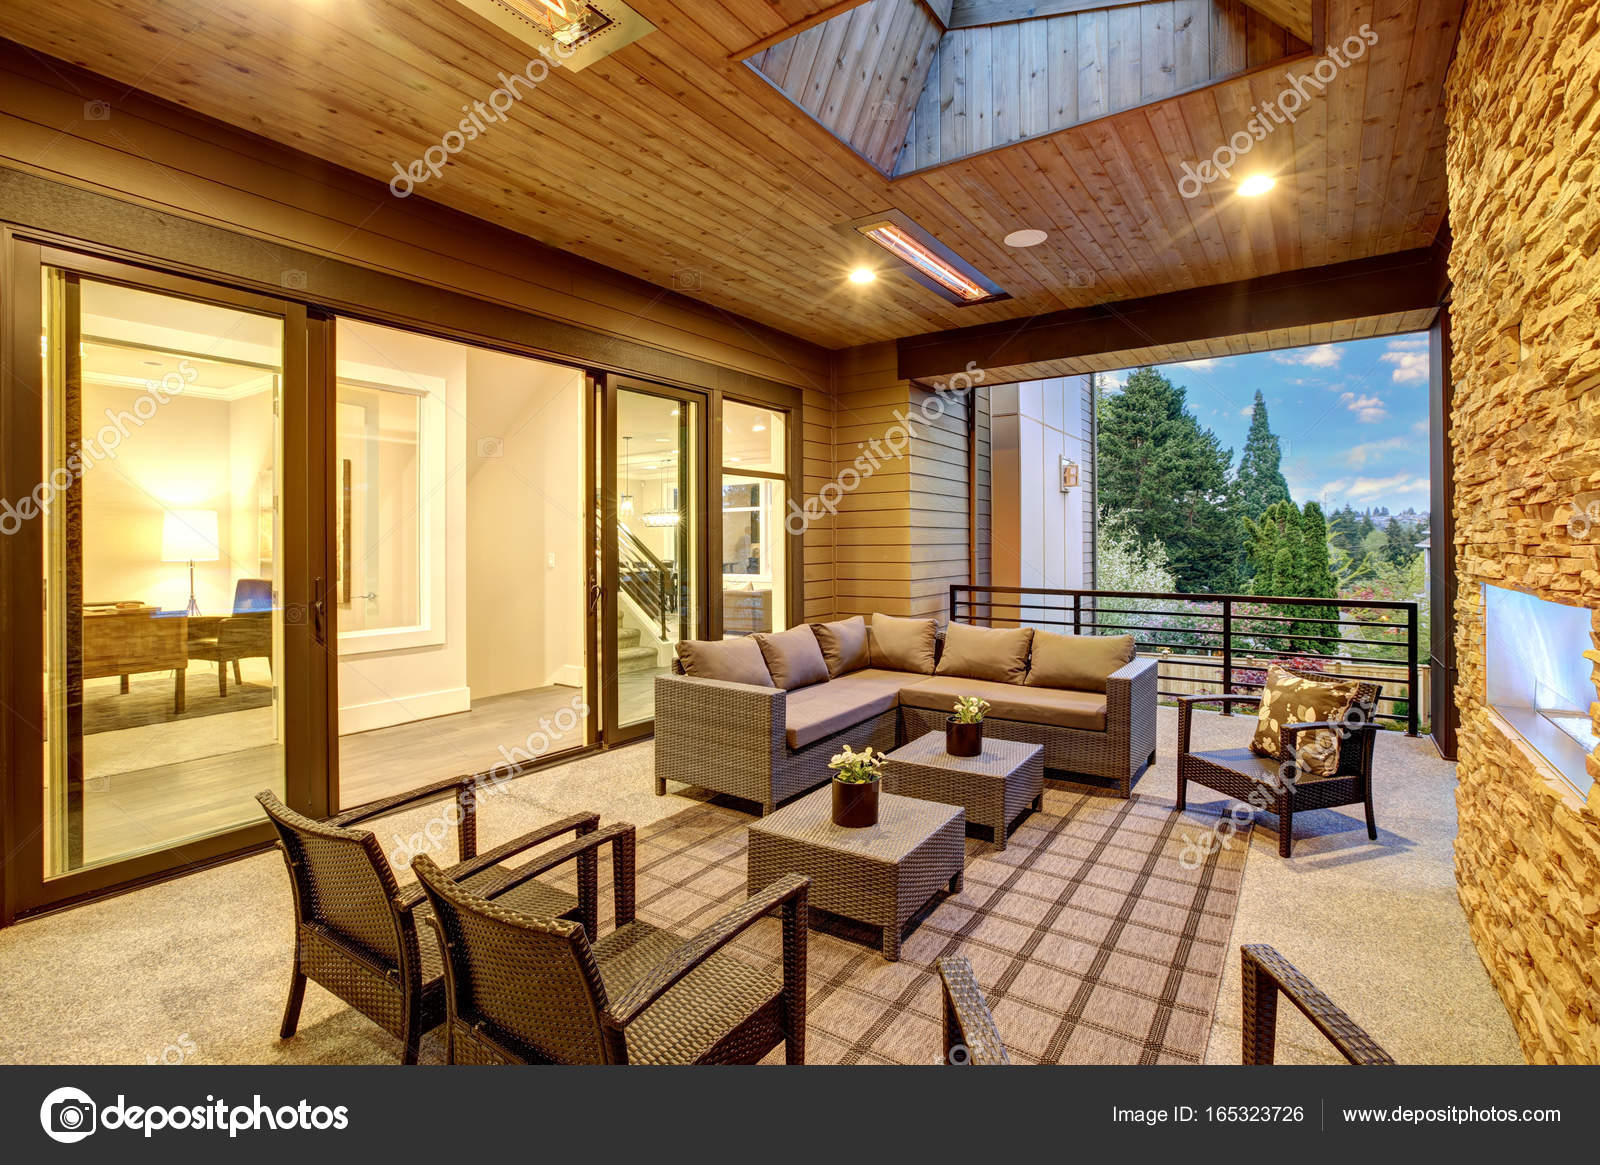 Einzigartig Amerikanischer Kamin Referenz Von Verträumte überdachte Terrasse Mit — Stockfoto